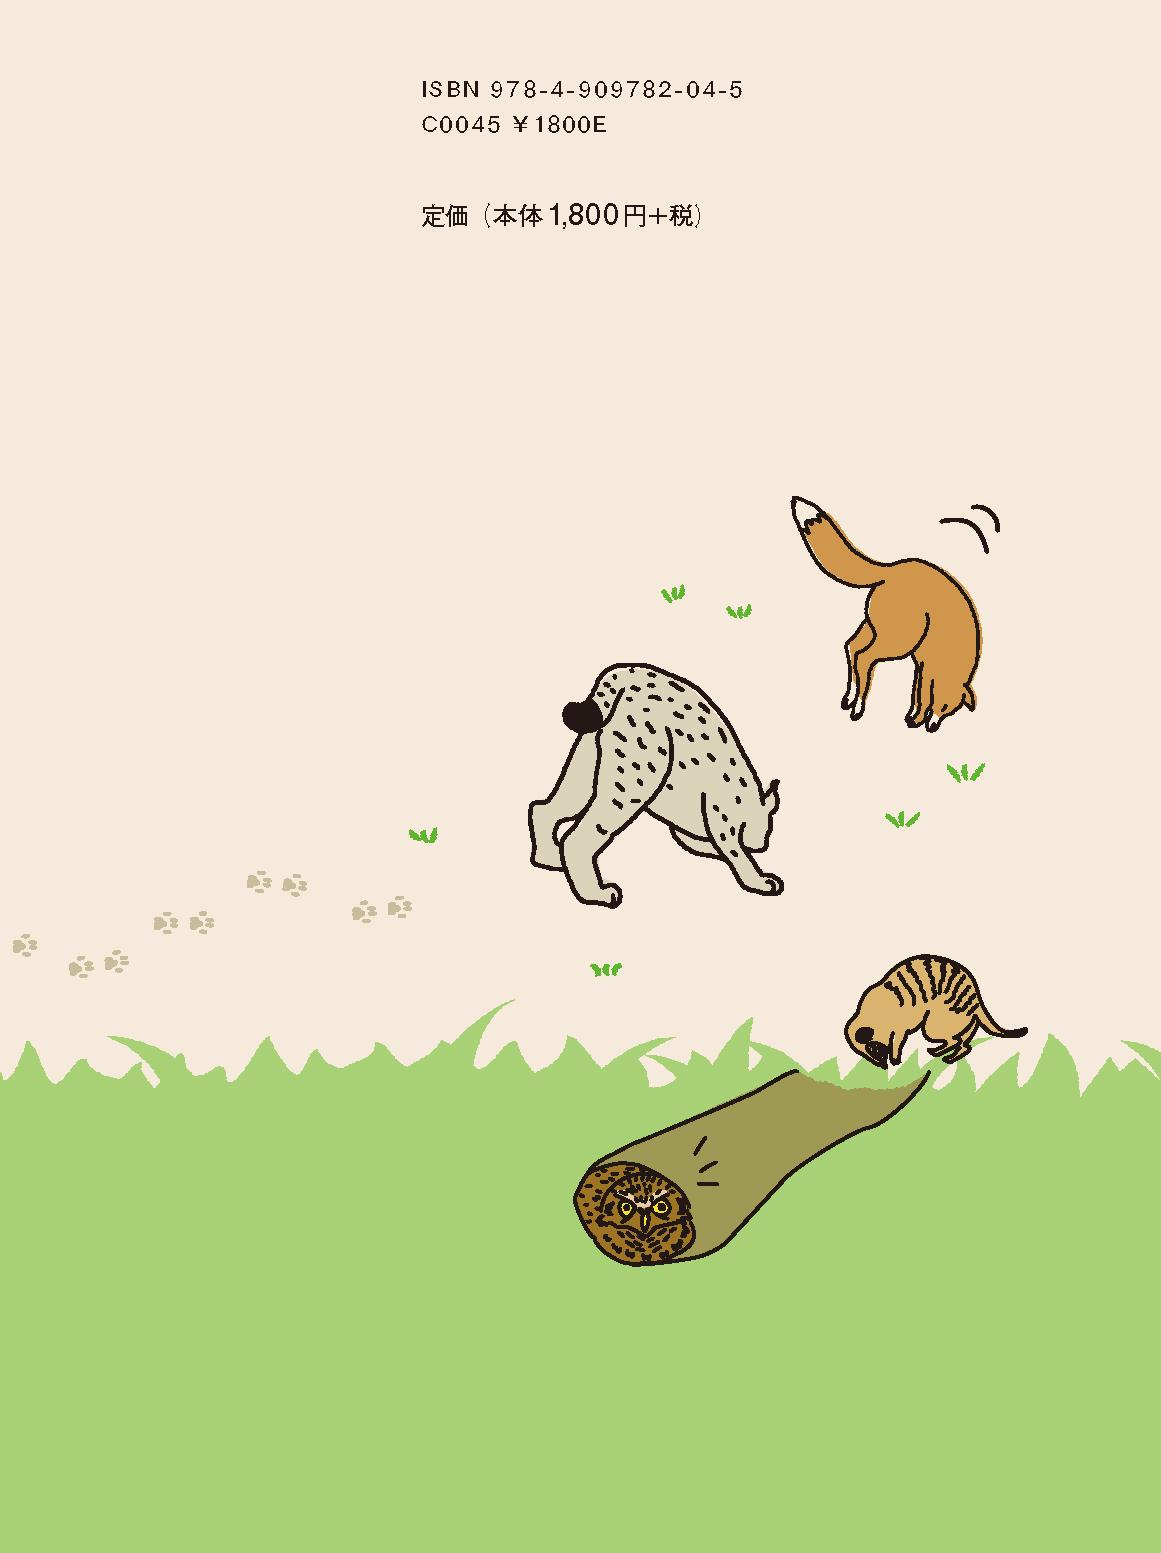 いのちをつなぐ動物園書影4